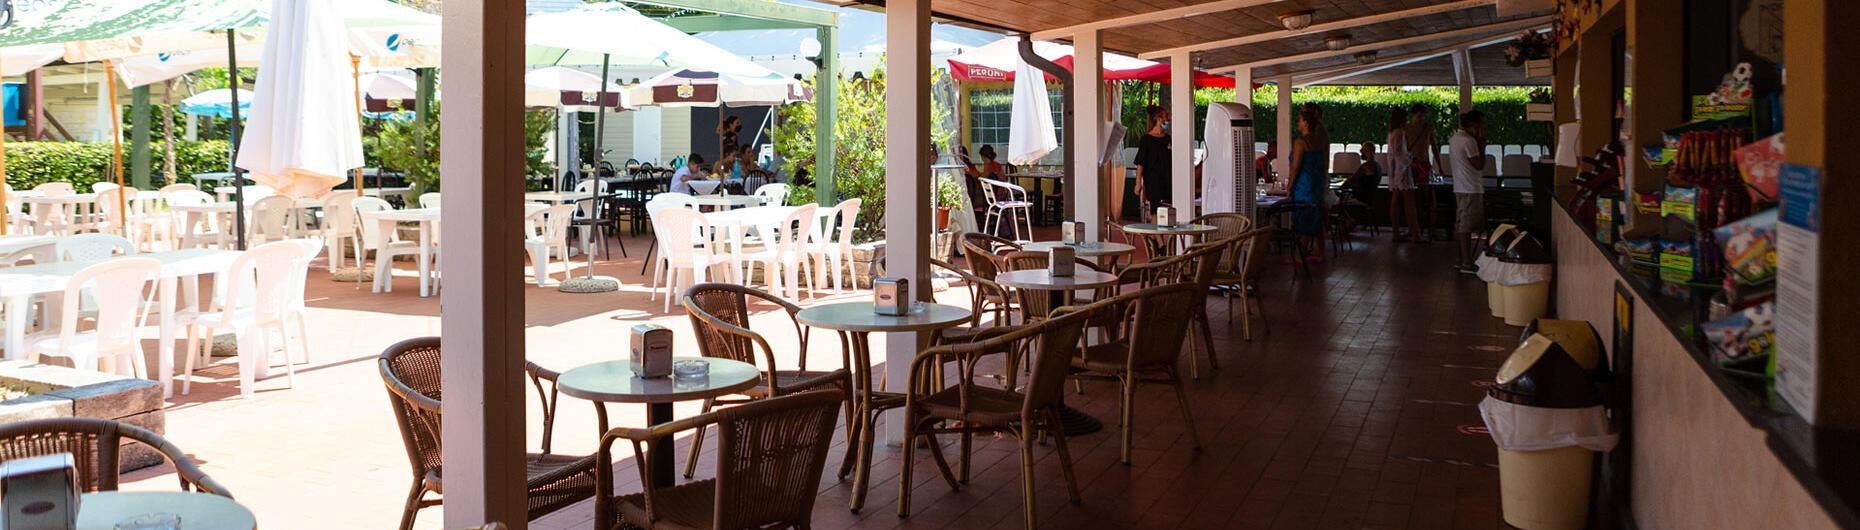 vacanzespinnaker en restaurant 004